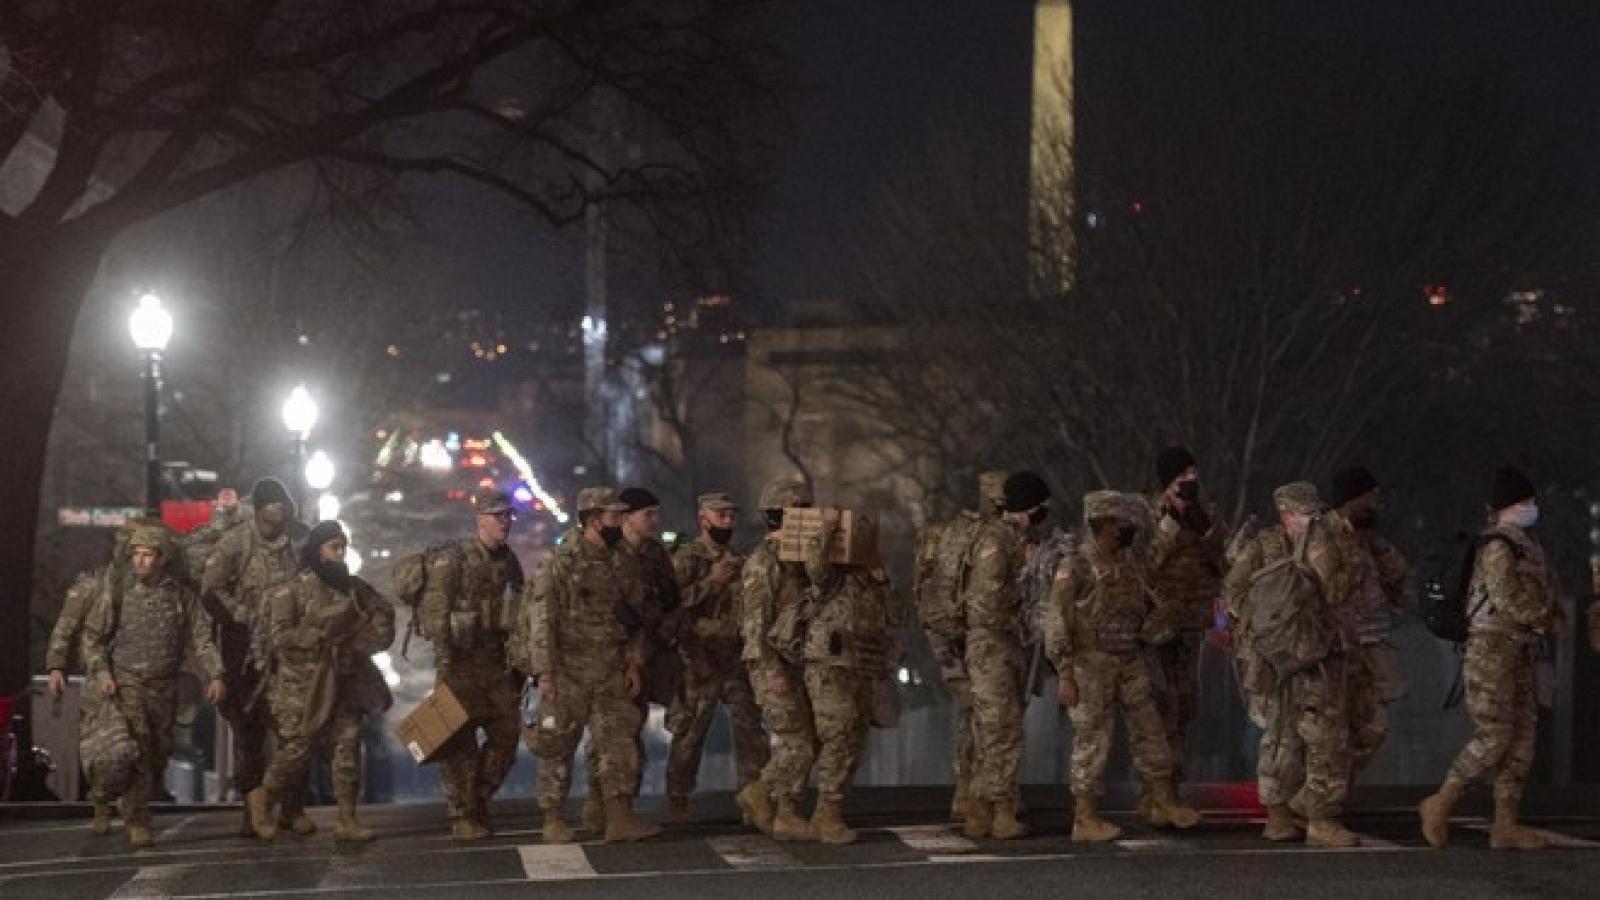 Mỹ huy động khoảng 20.000 vệ binh quốc gia đảm bảo an ninh cho lễ nhậm chức Tổng thống